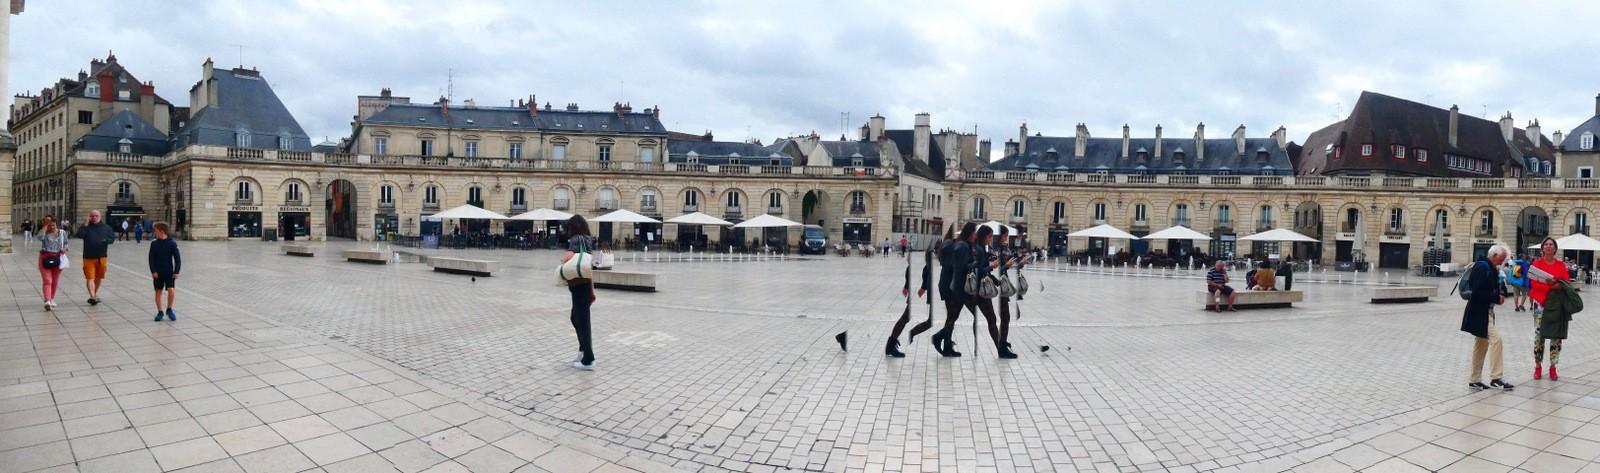 Dijon 09 2021 50